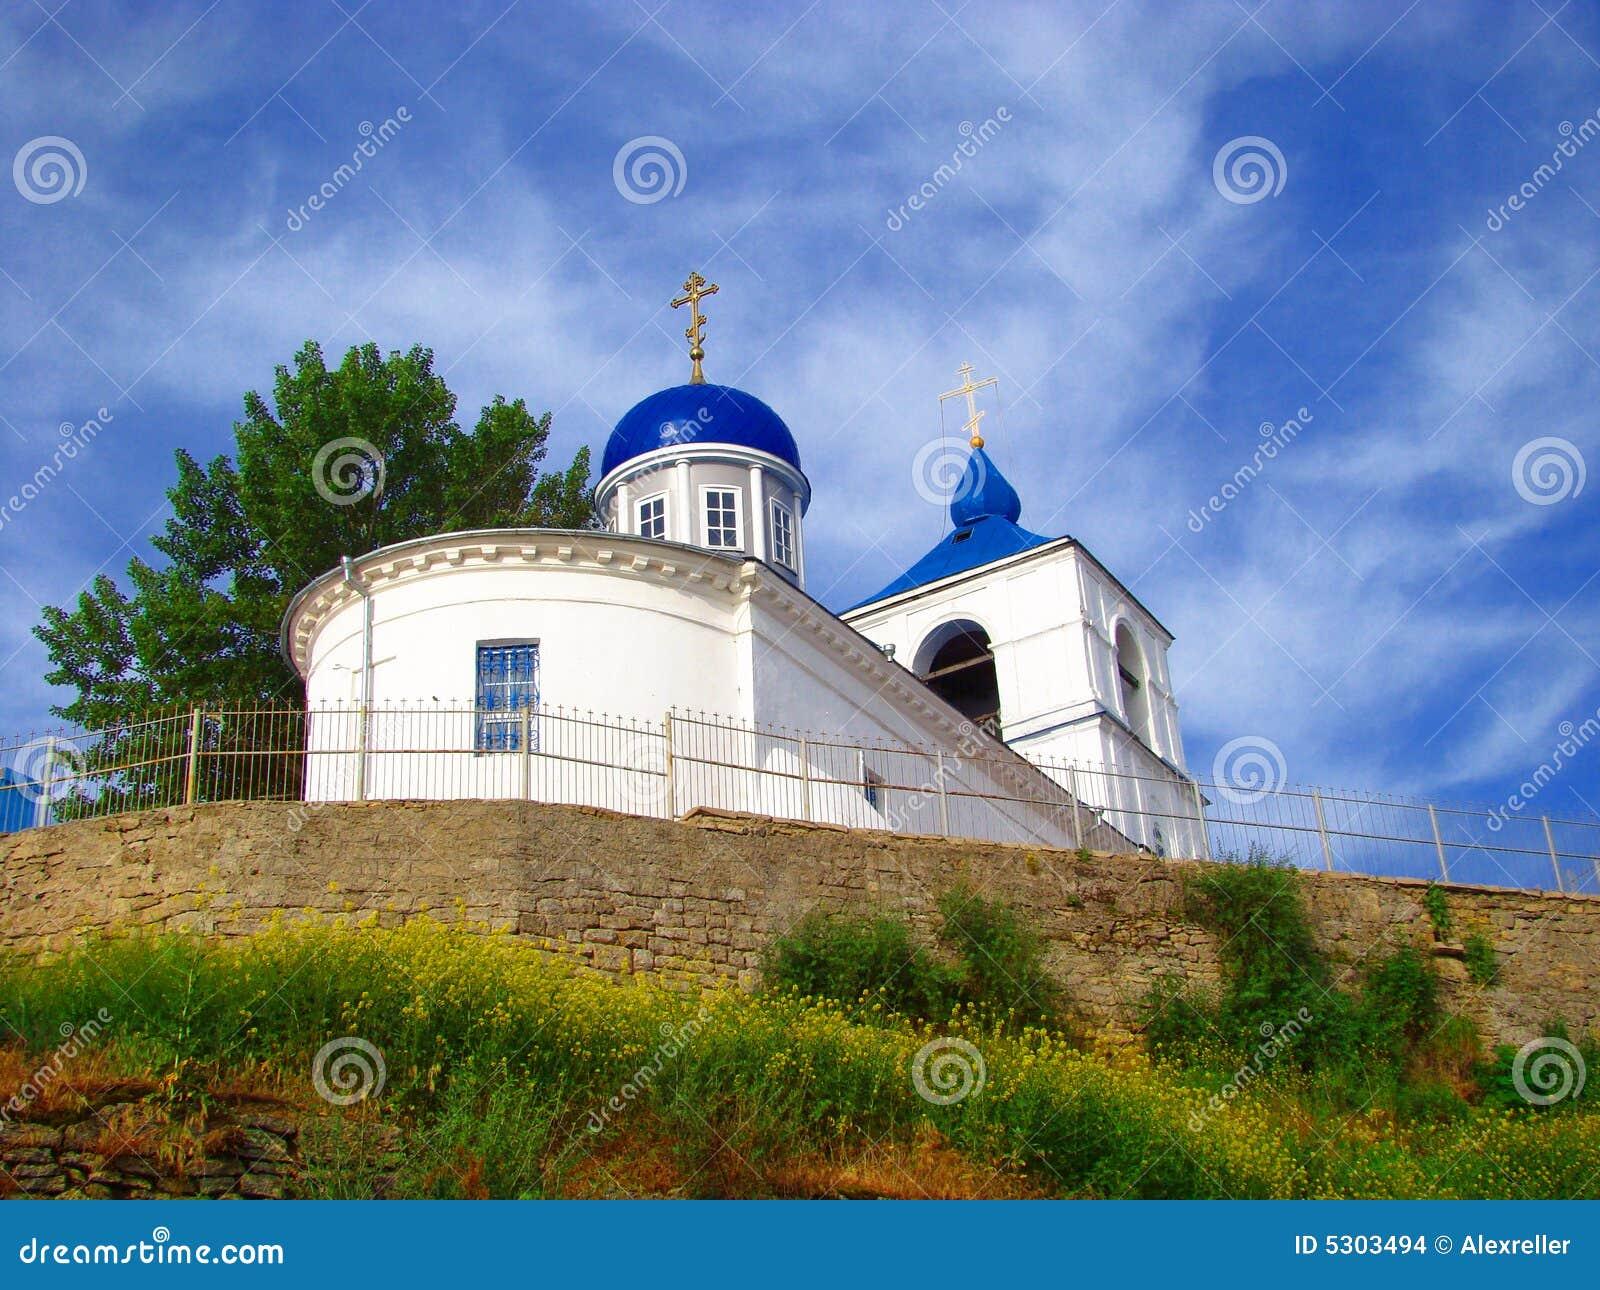 Download Chiesa simile una nave. fotografia stock. Immagine di luce - 5303494